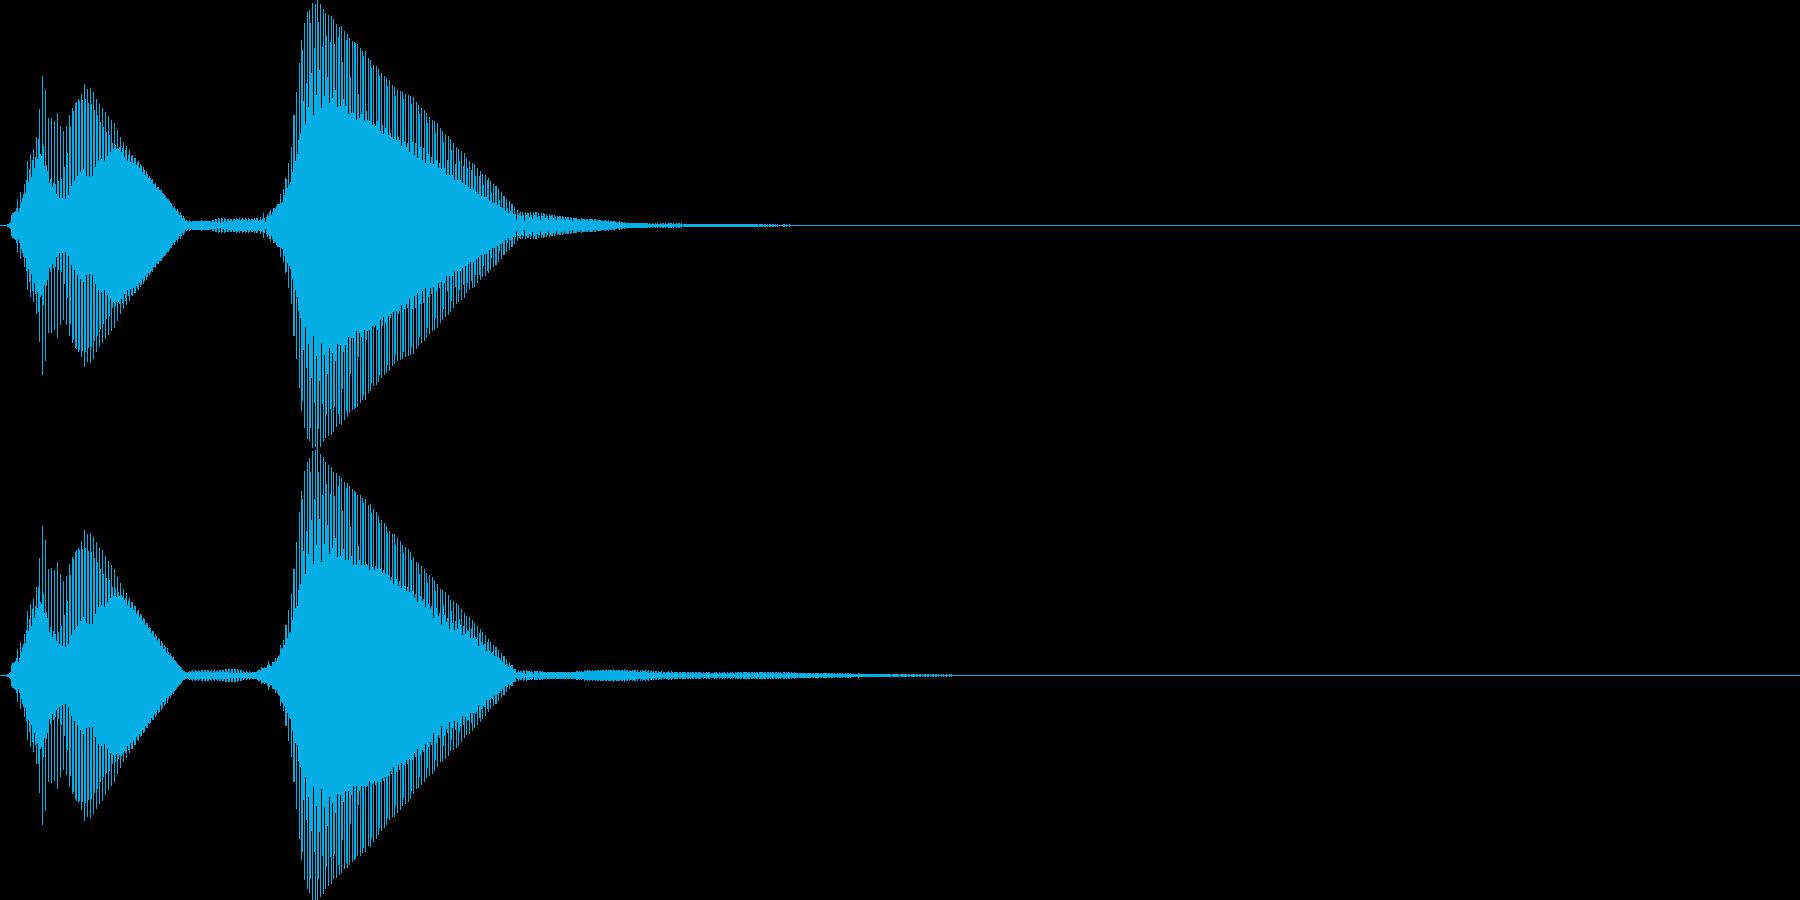 パフ。パフパフラッパA(低・単発)の再生済みの波形